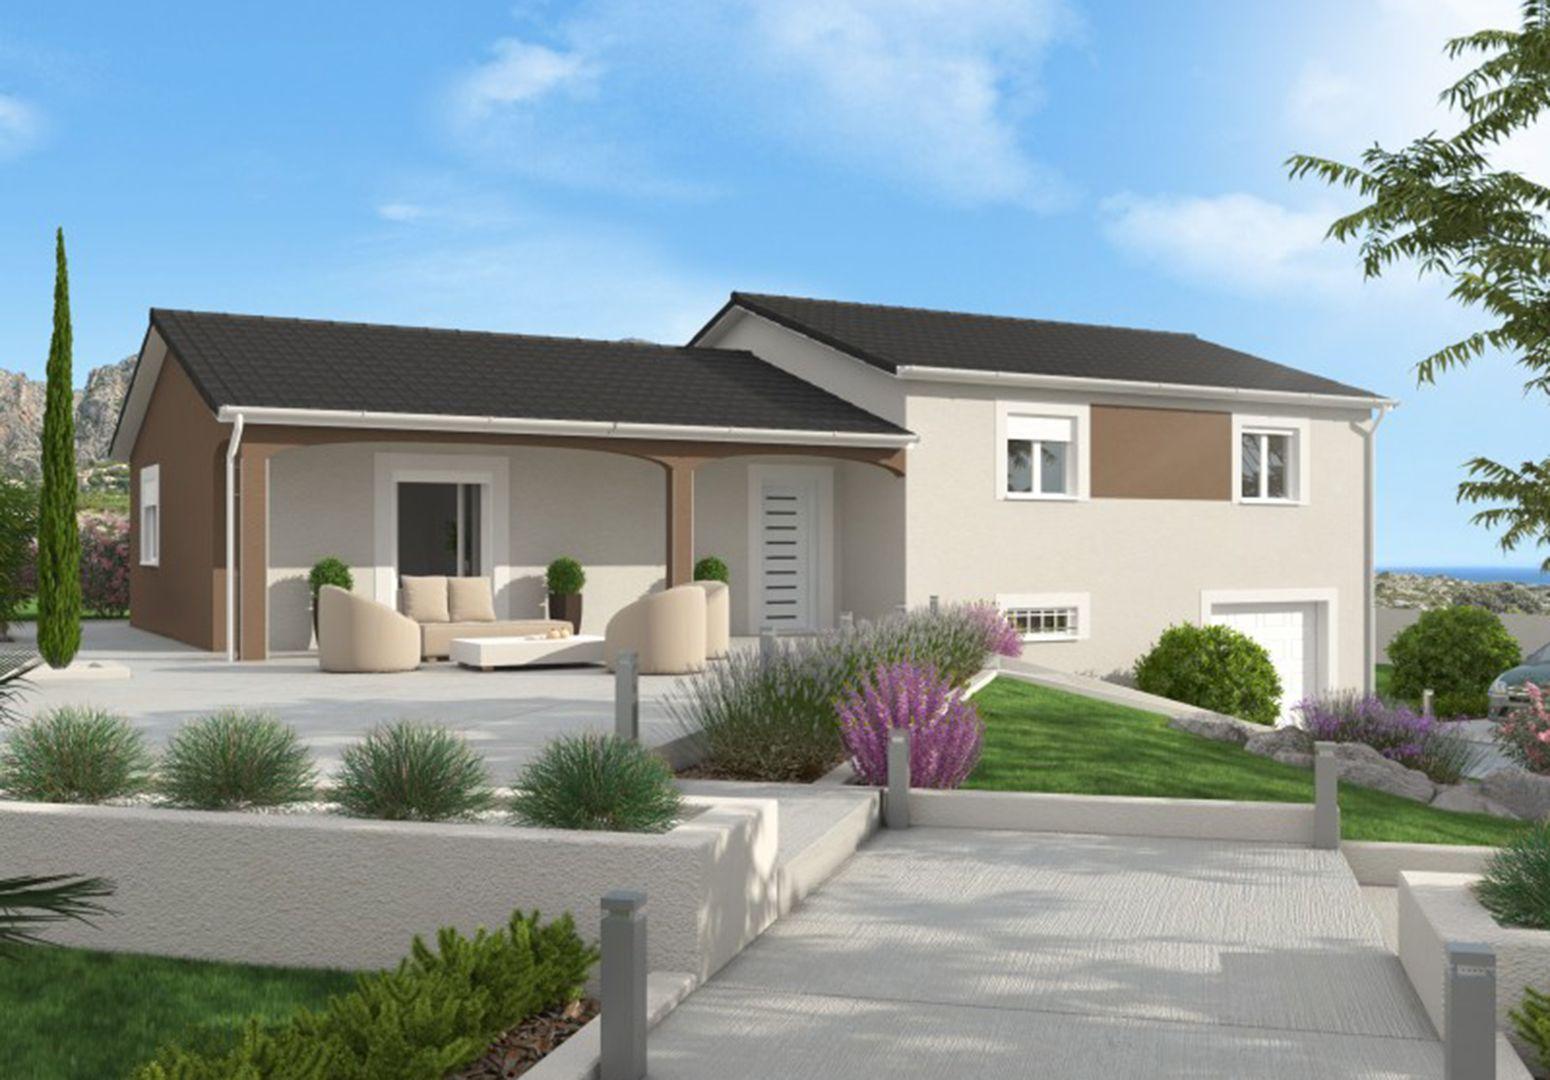 Maison 88.3 m² avec terrain à SAINTE-ANNE-SUR-GERVONDE (38) 1